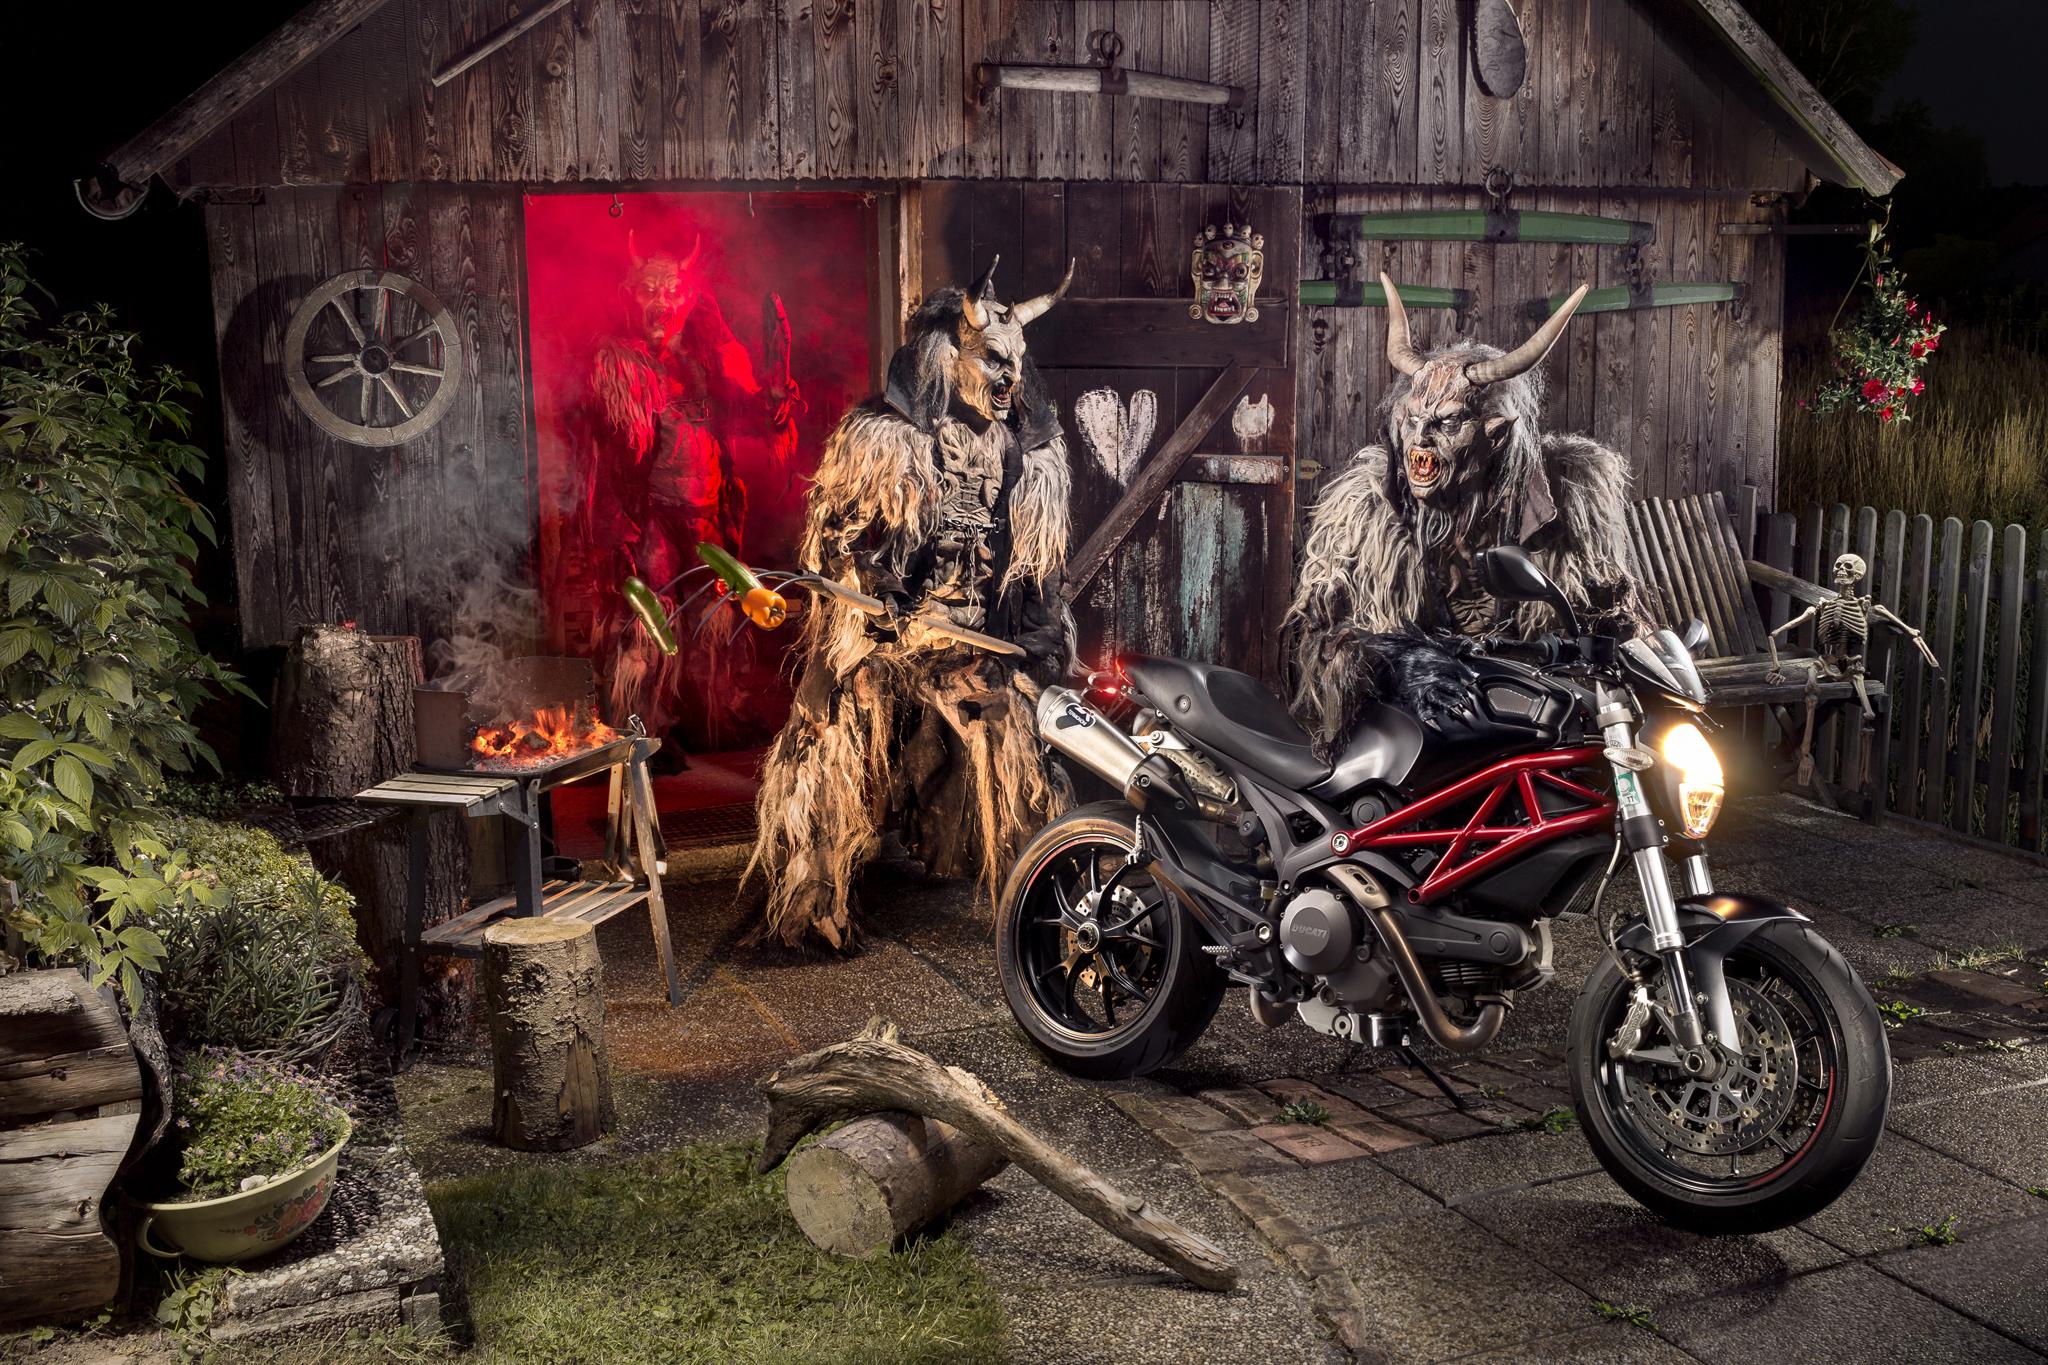 Motorrad und Perchten Monster vor Holzhütte mit Griller, Skelett und Blumenbeet Motorrad Fotografie